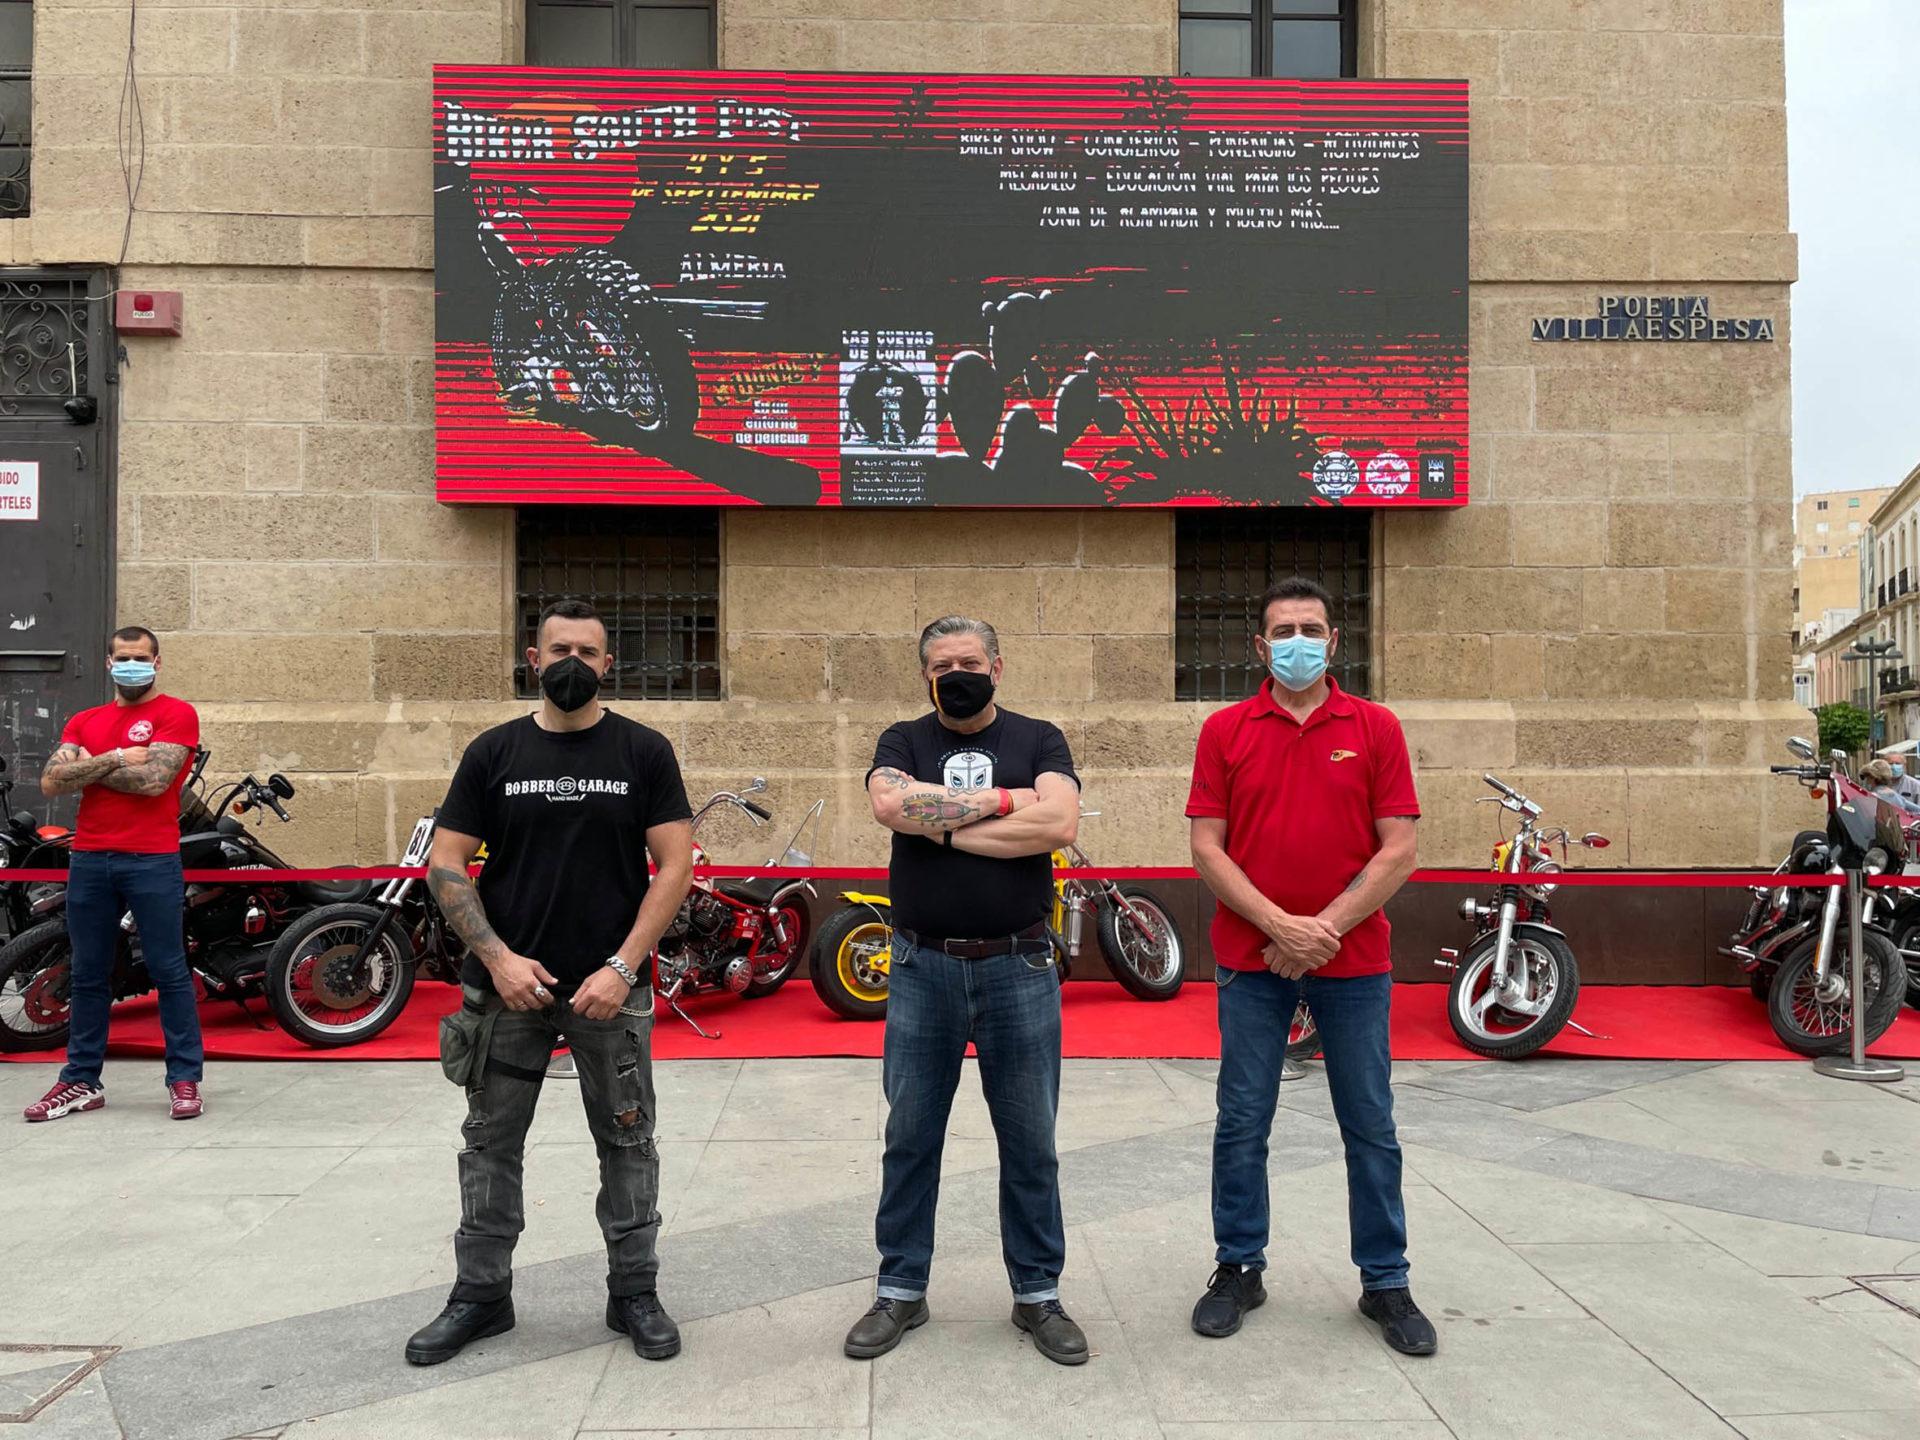 La cultura de las motos se vivirá en Almería con el 'Biker South Fest' el 4 y 5 de septiembre